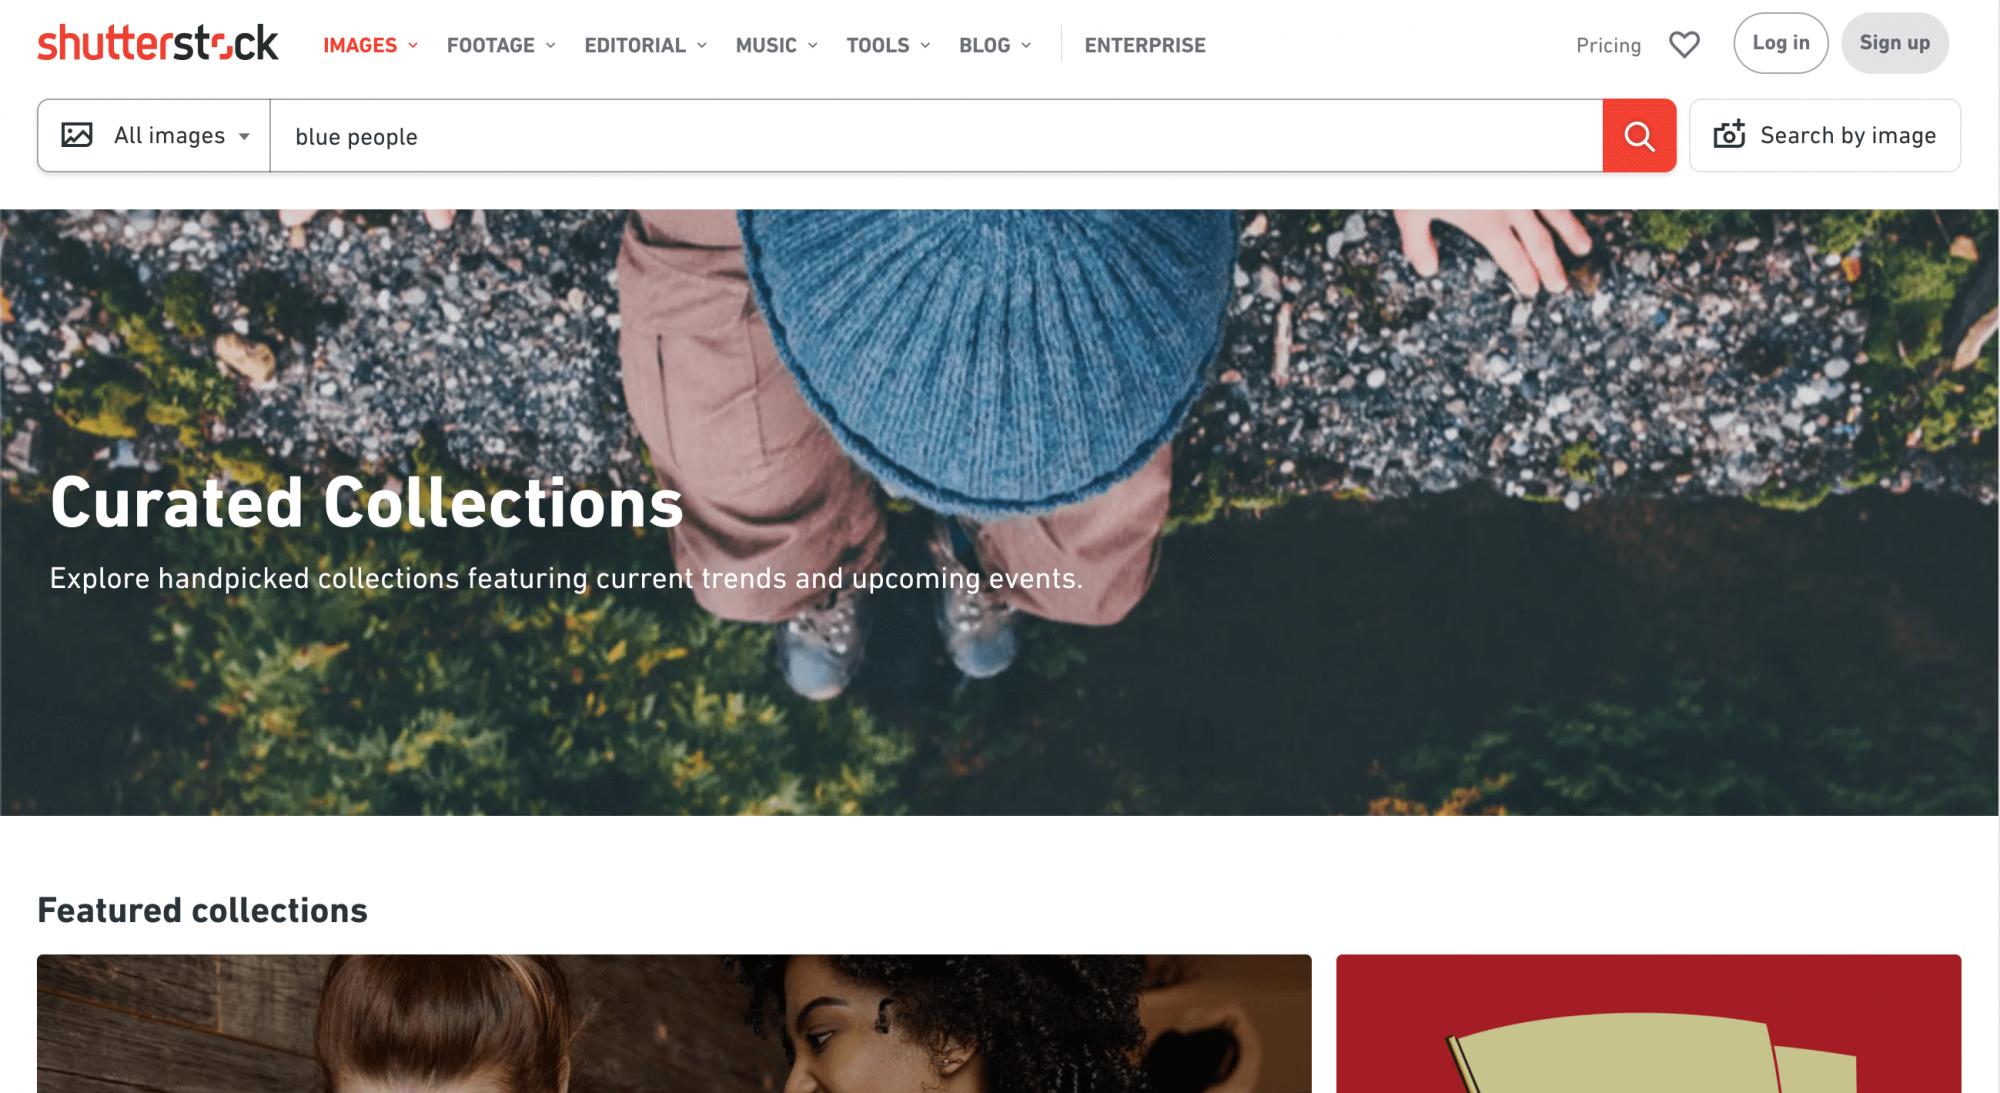 A screenshot of the Shutterstock website